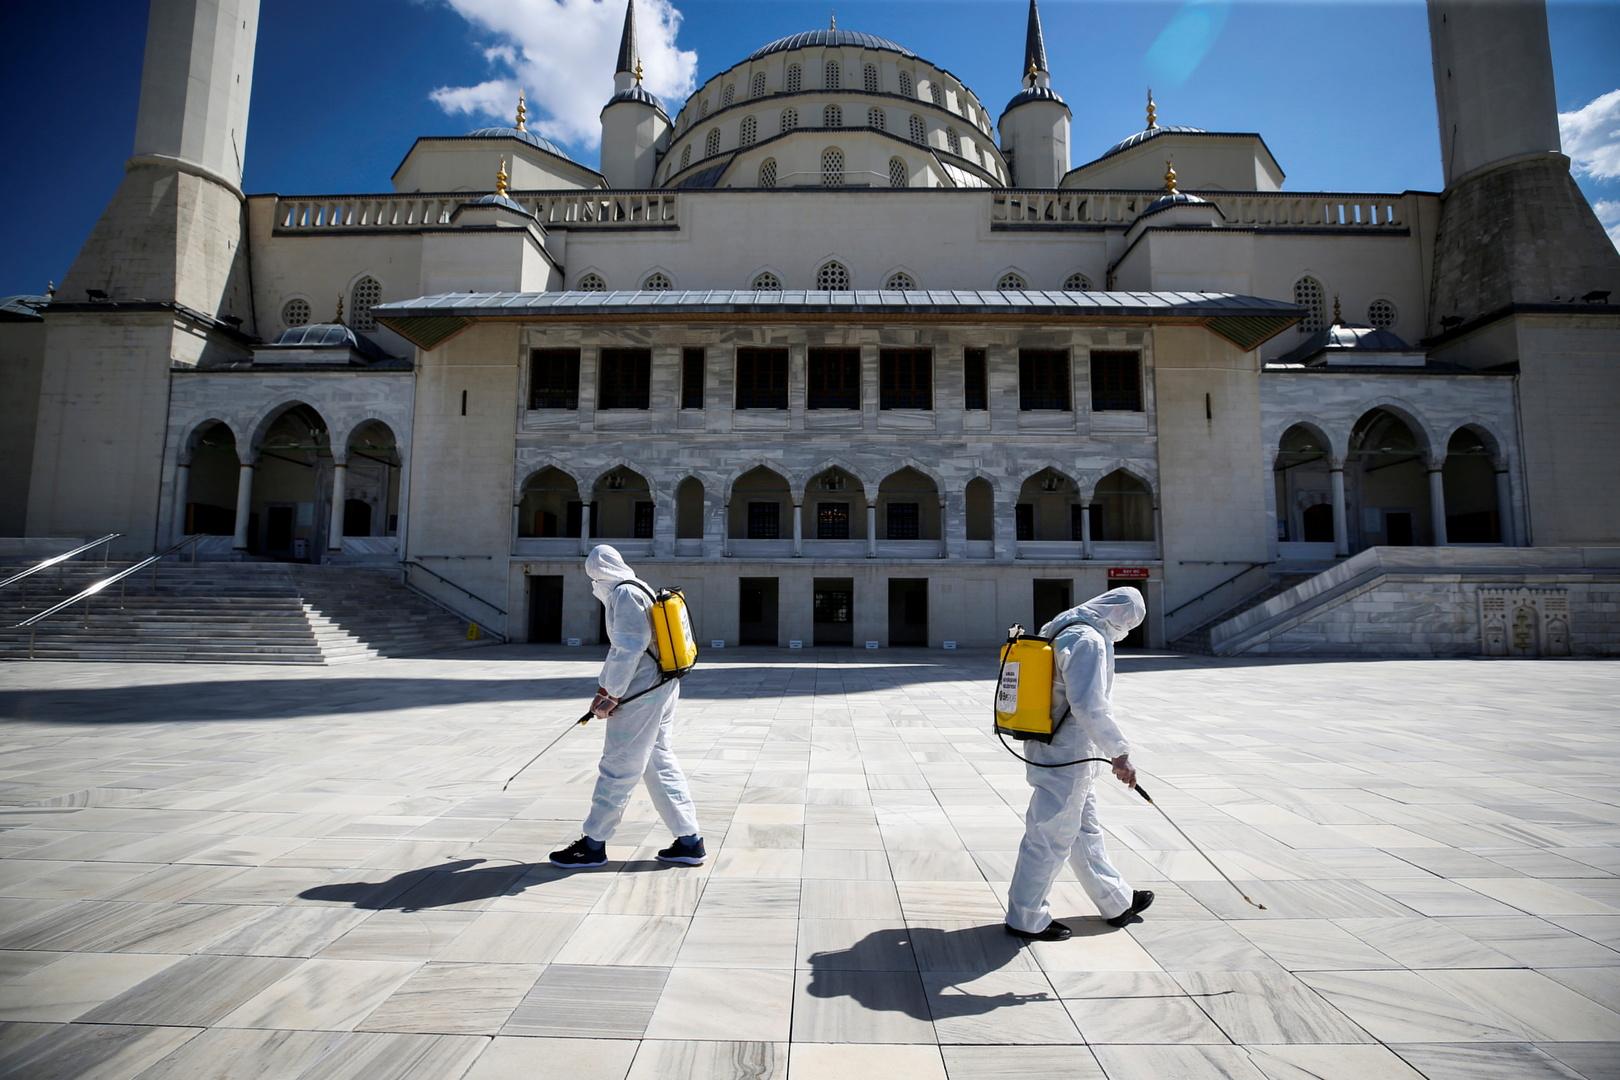 تركيا تسجل حصيلة قياسية للوفيات الجديدة بكورونا